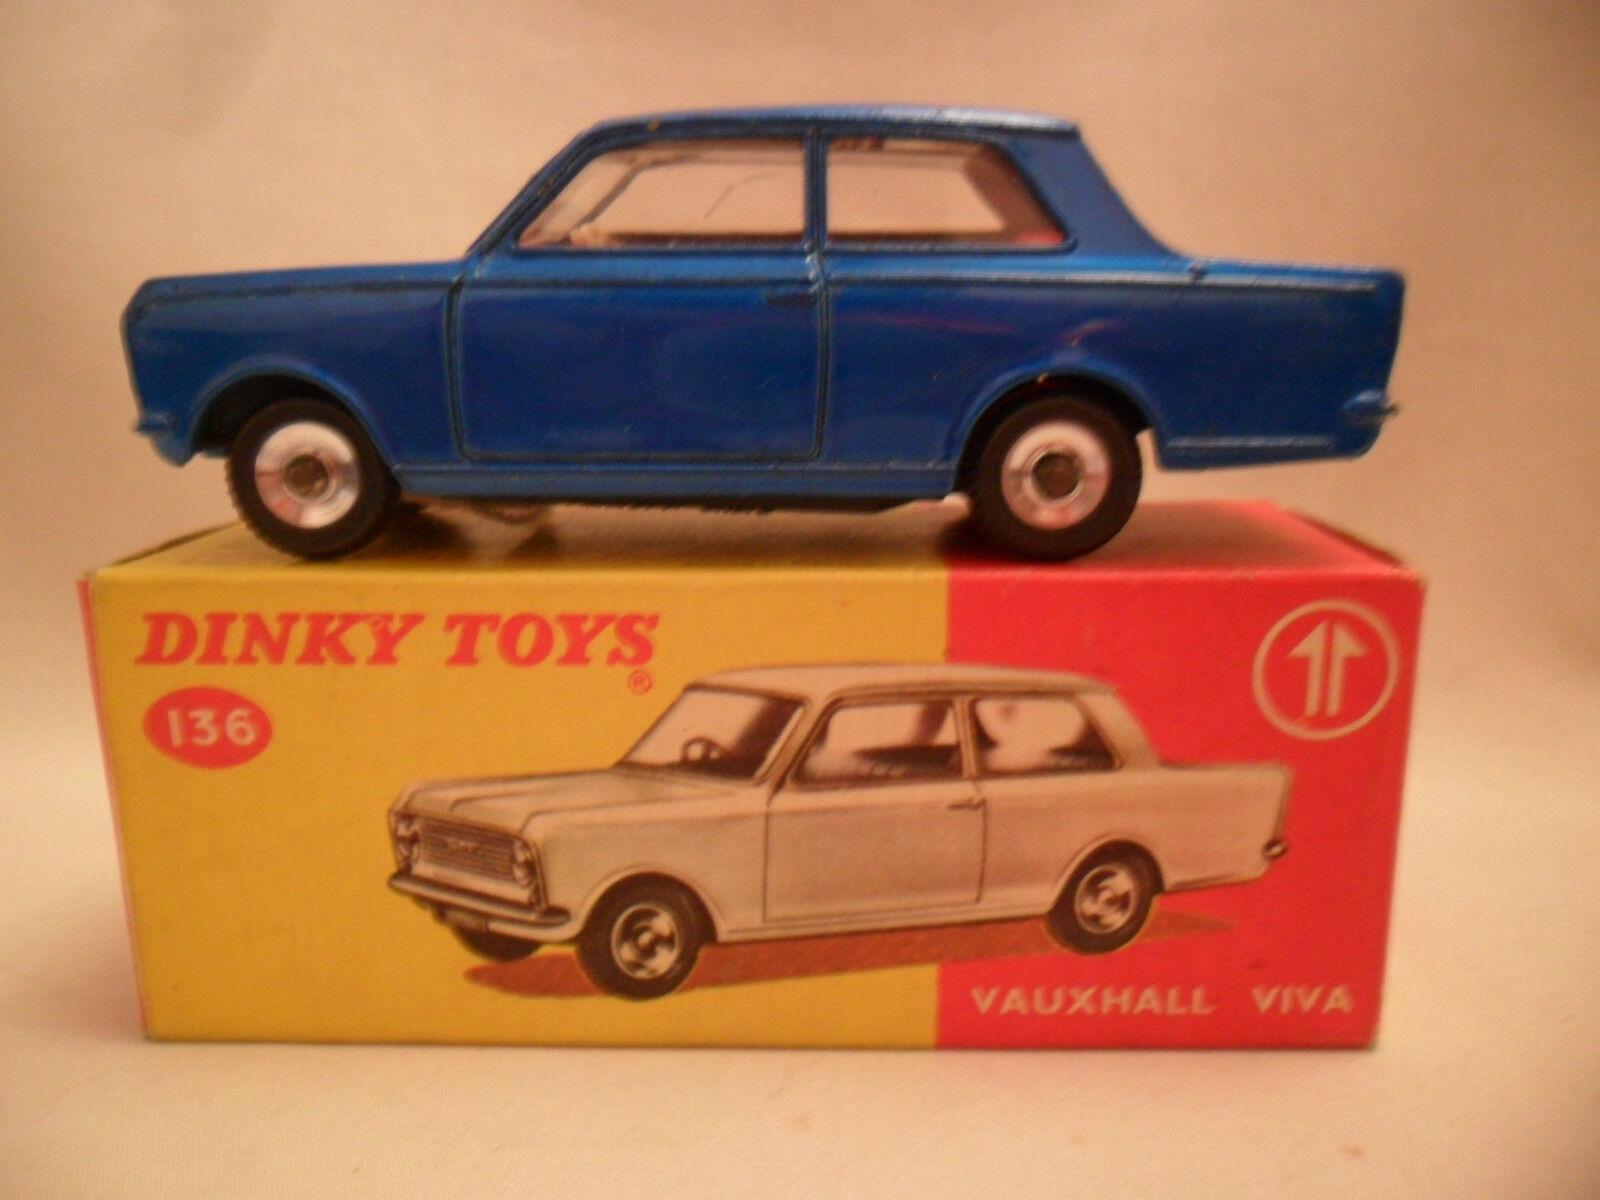 Dinky 136 VAUXHALL VIVA boxed vintage 1969